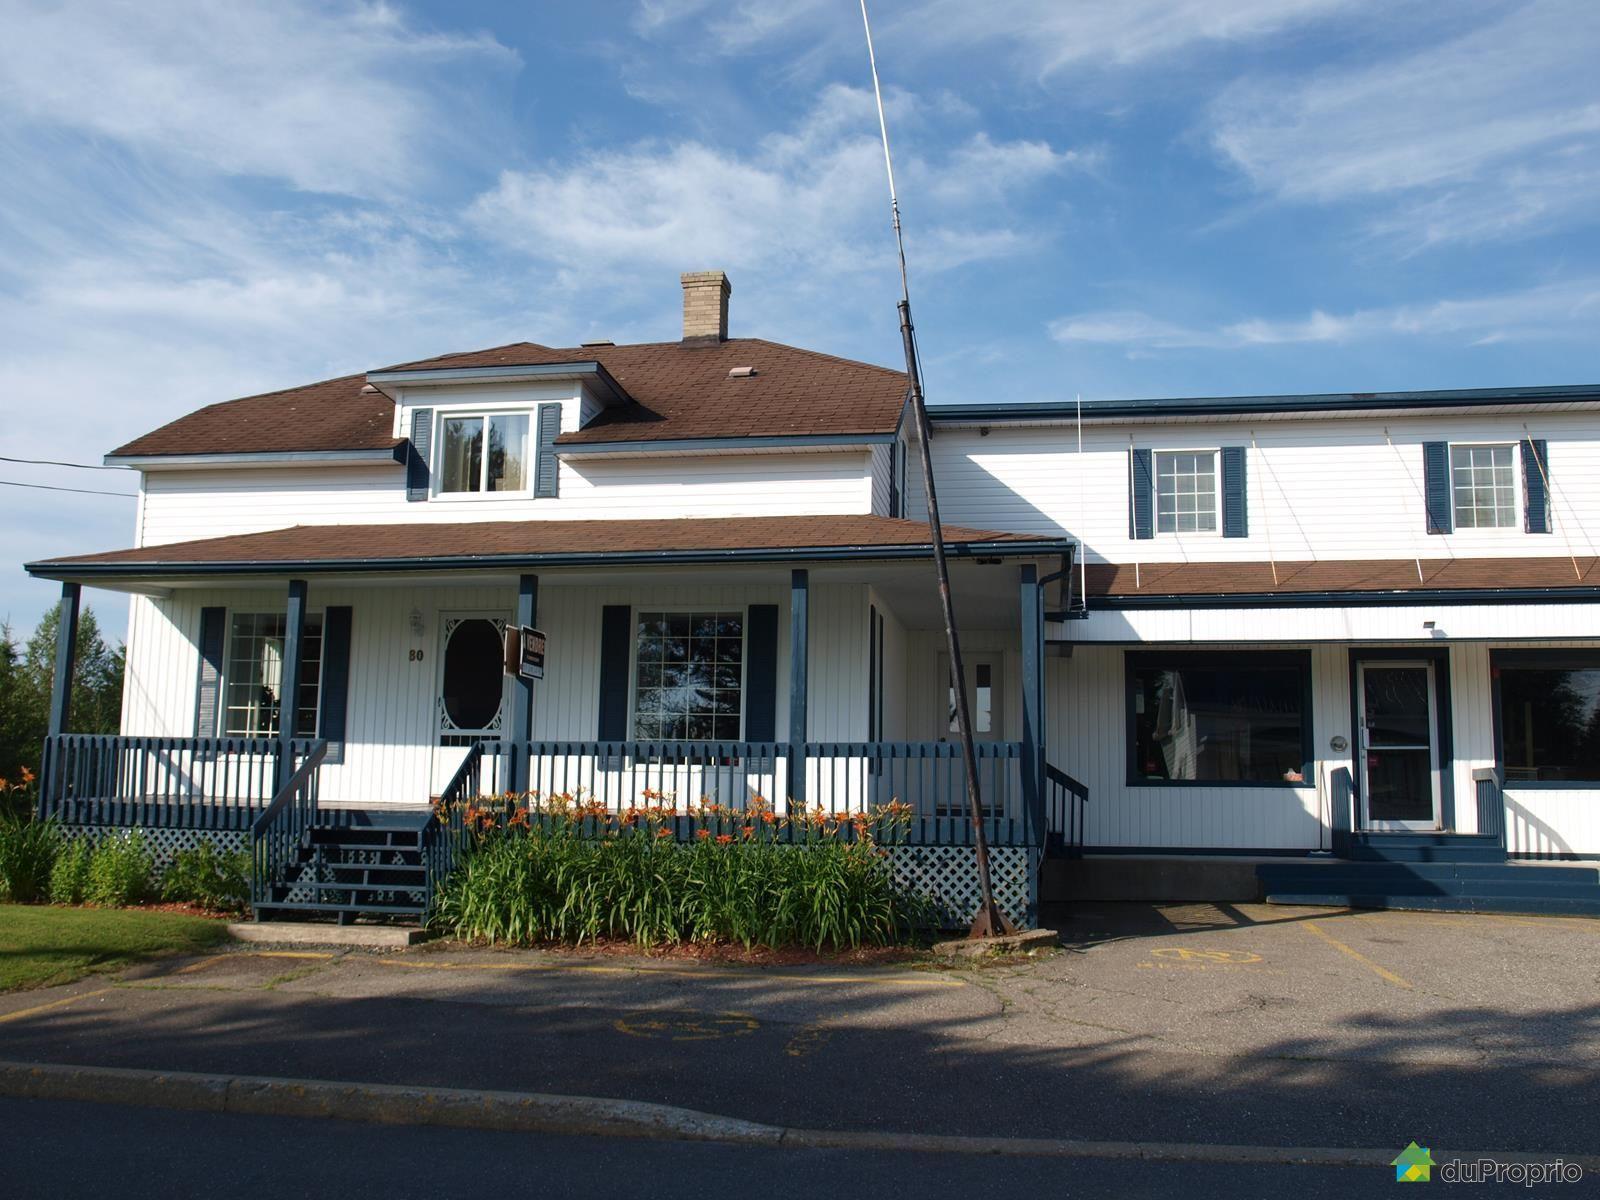 maison 224 vendre st nazaire de dorchester 78 80 rue principale immobilier qu 233 bec duproprio